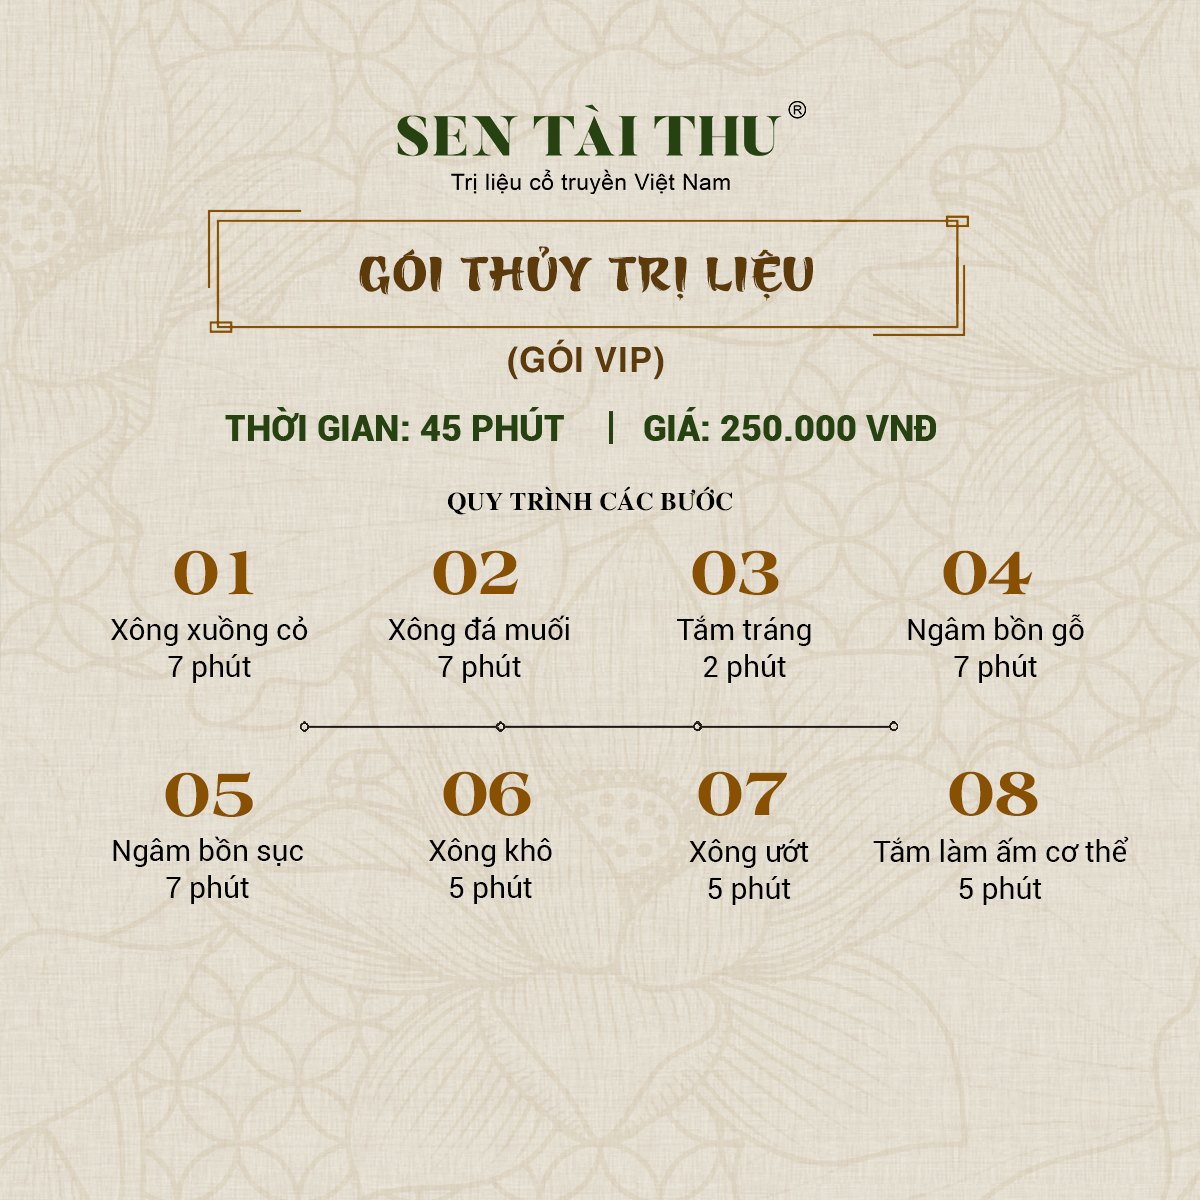 Bảng giá Sen Tài Thu Vĩnh Phúc - Thủy trị liệu gói VIP